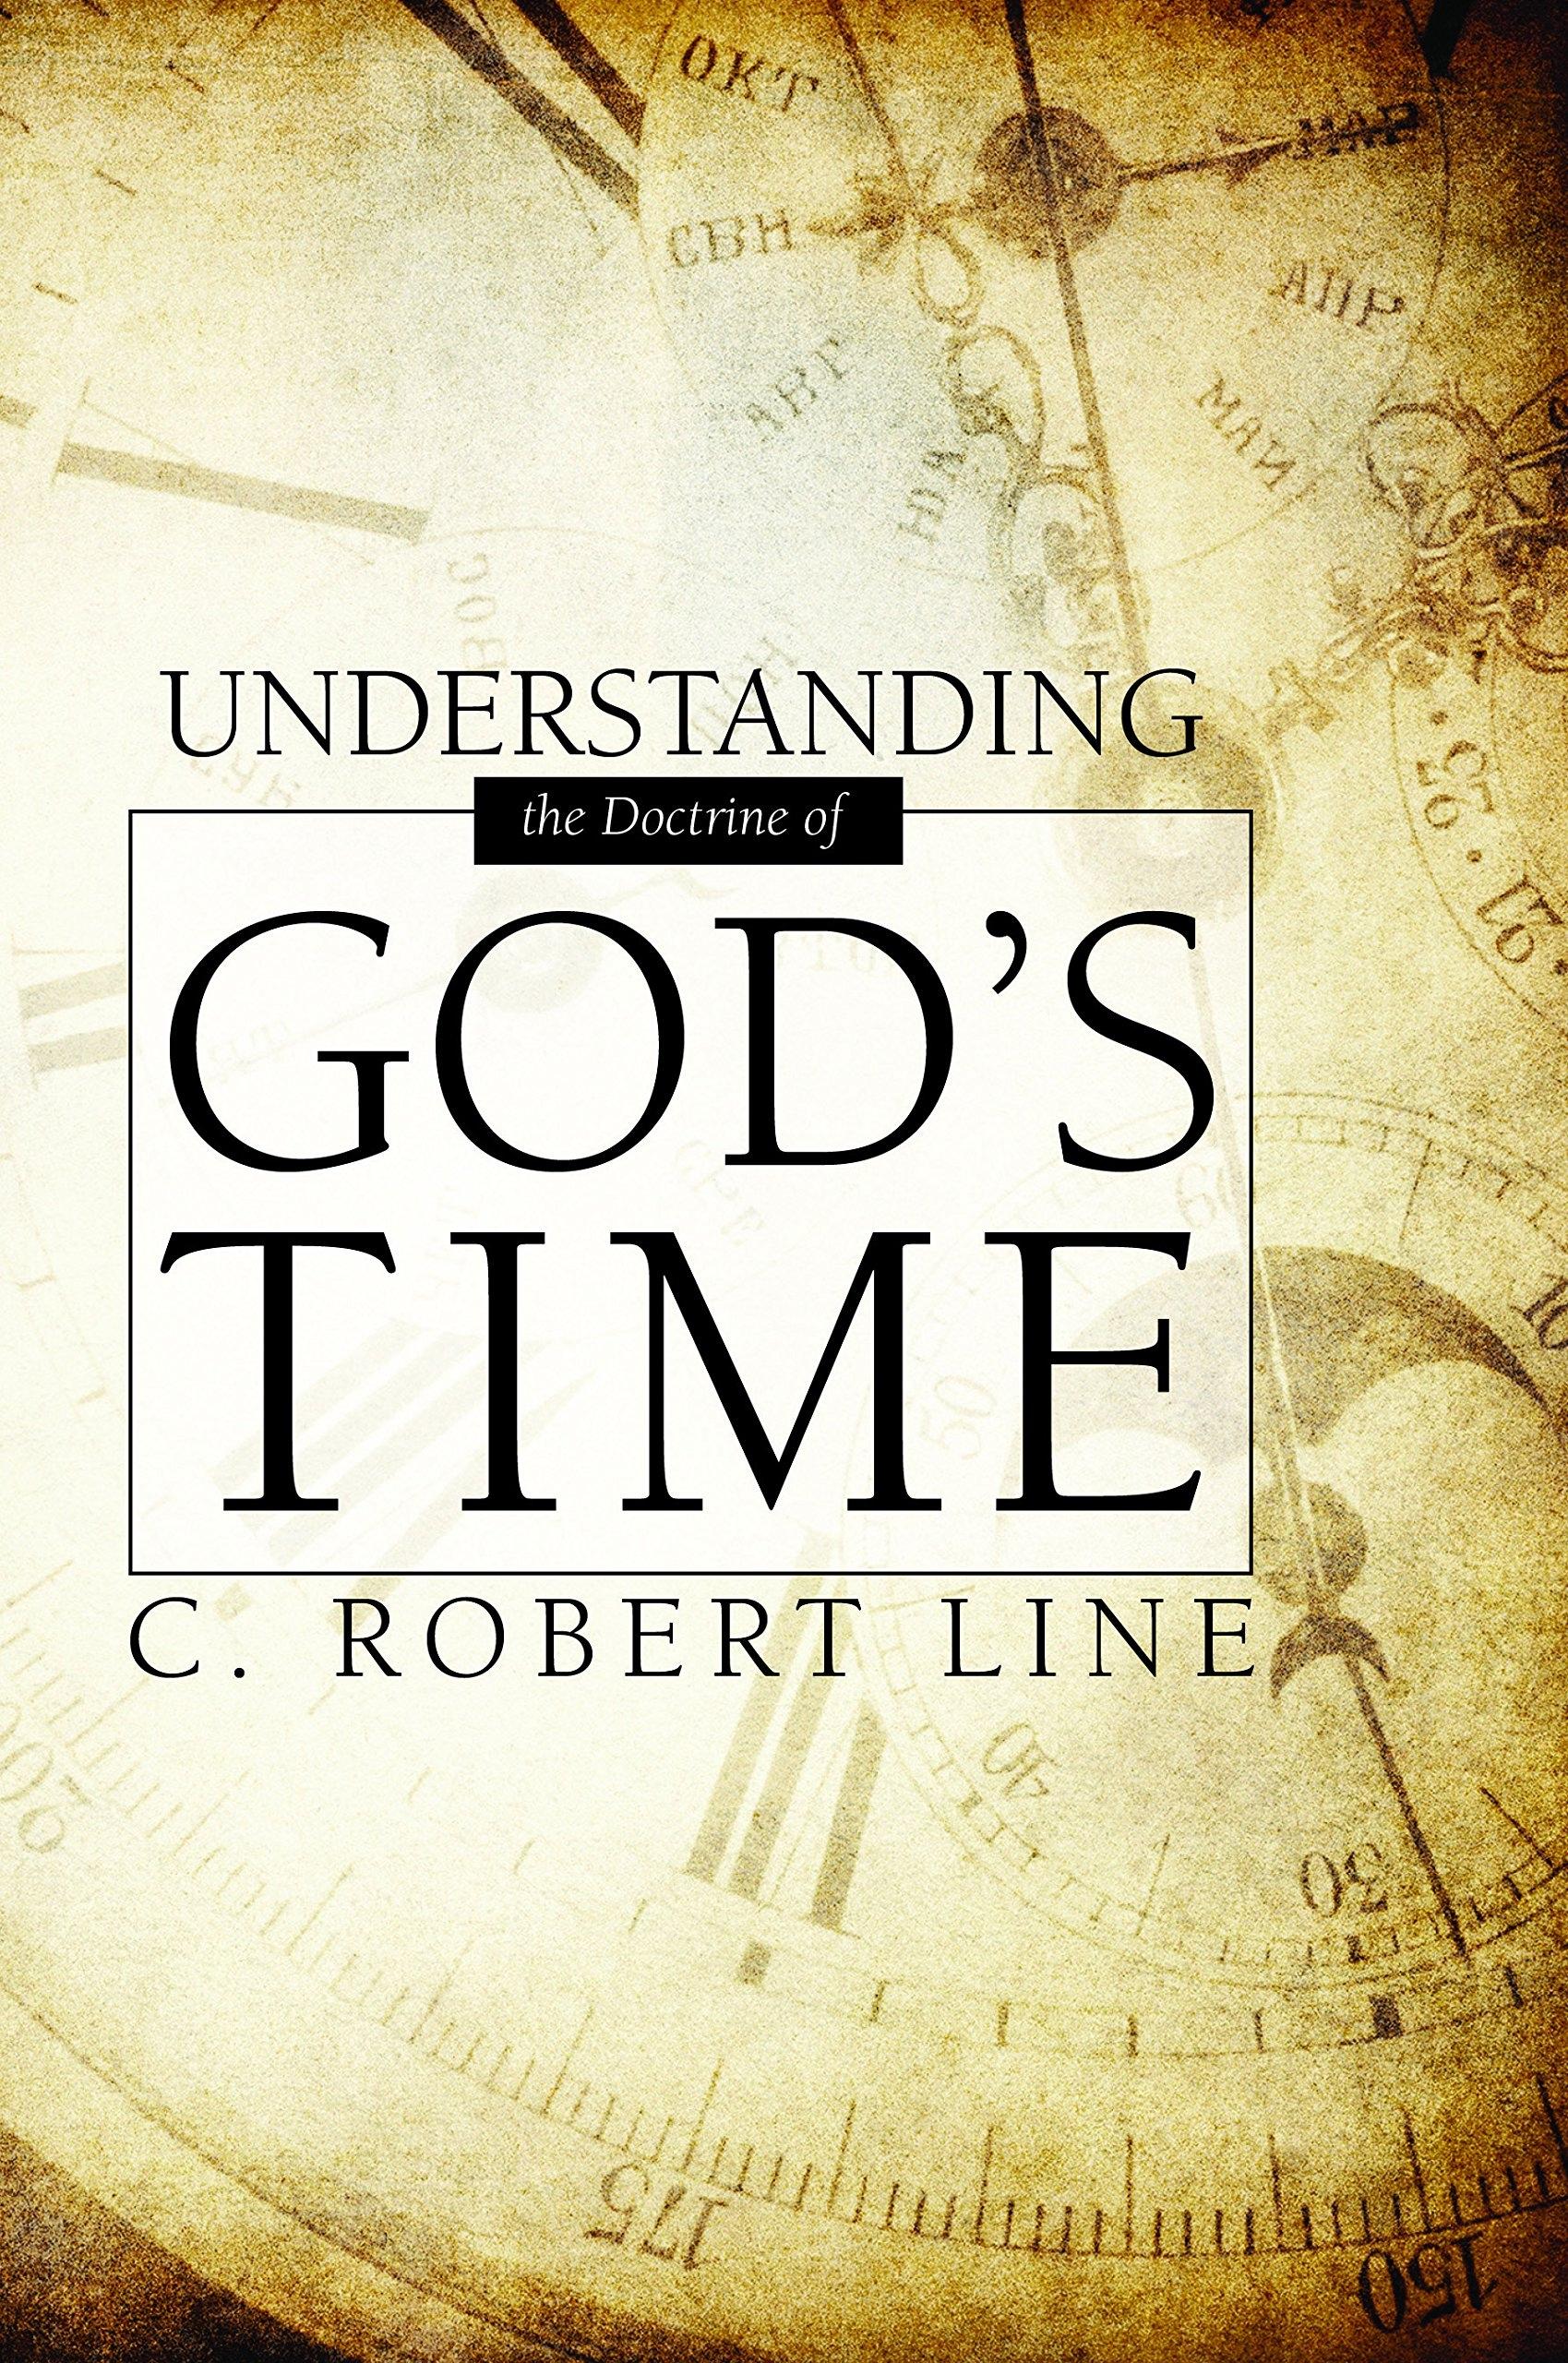 Understanding the Doctrine of God's Time, Line, C. Robert